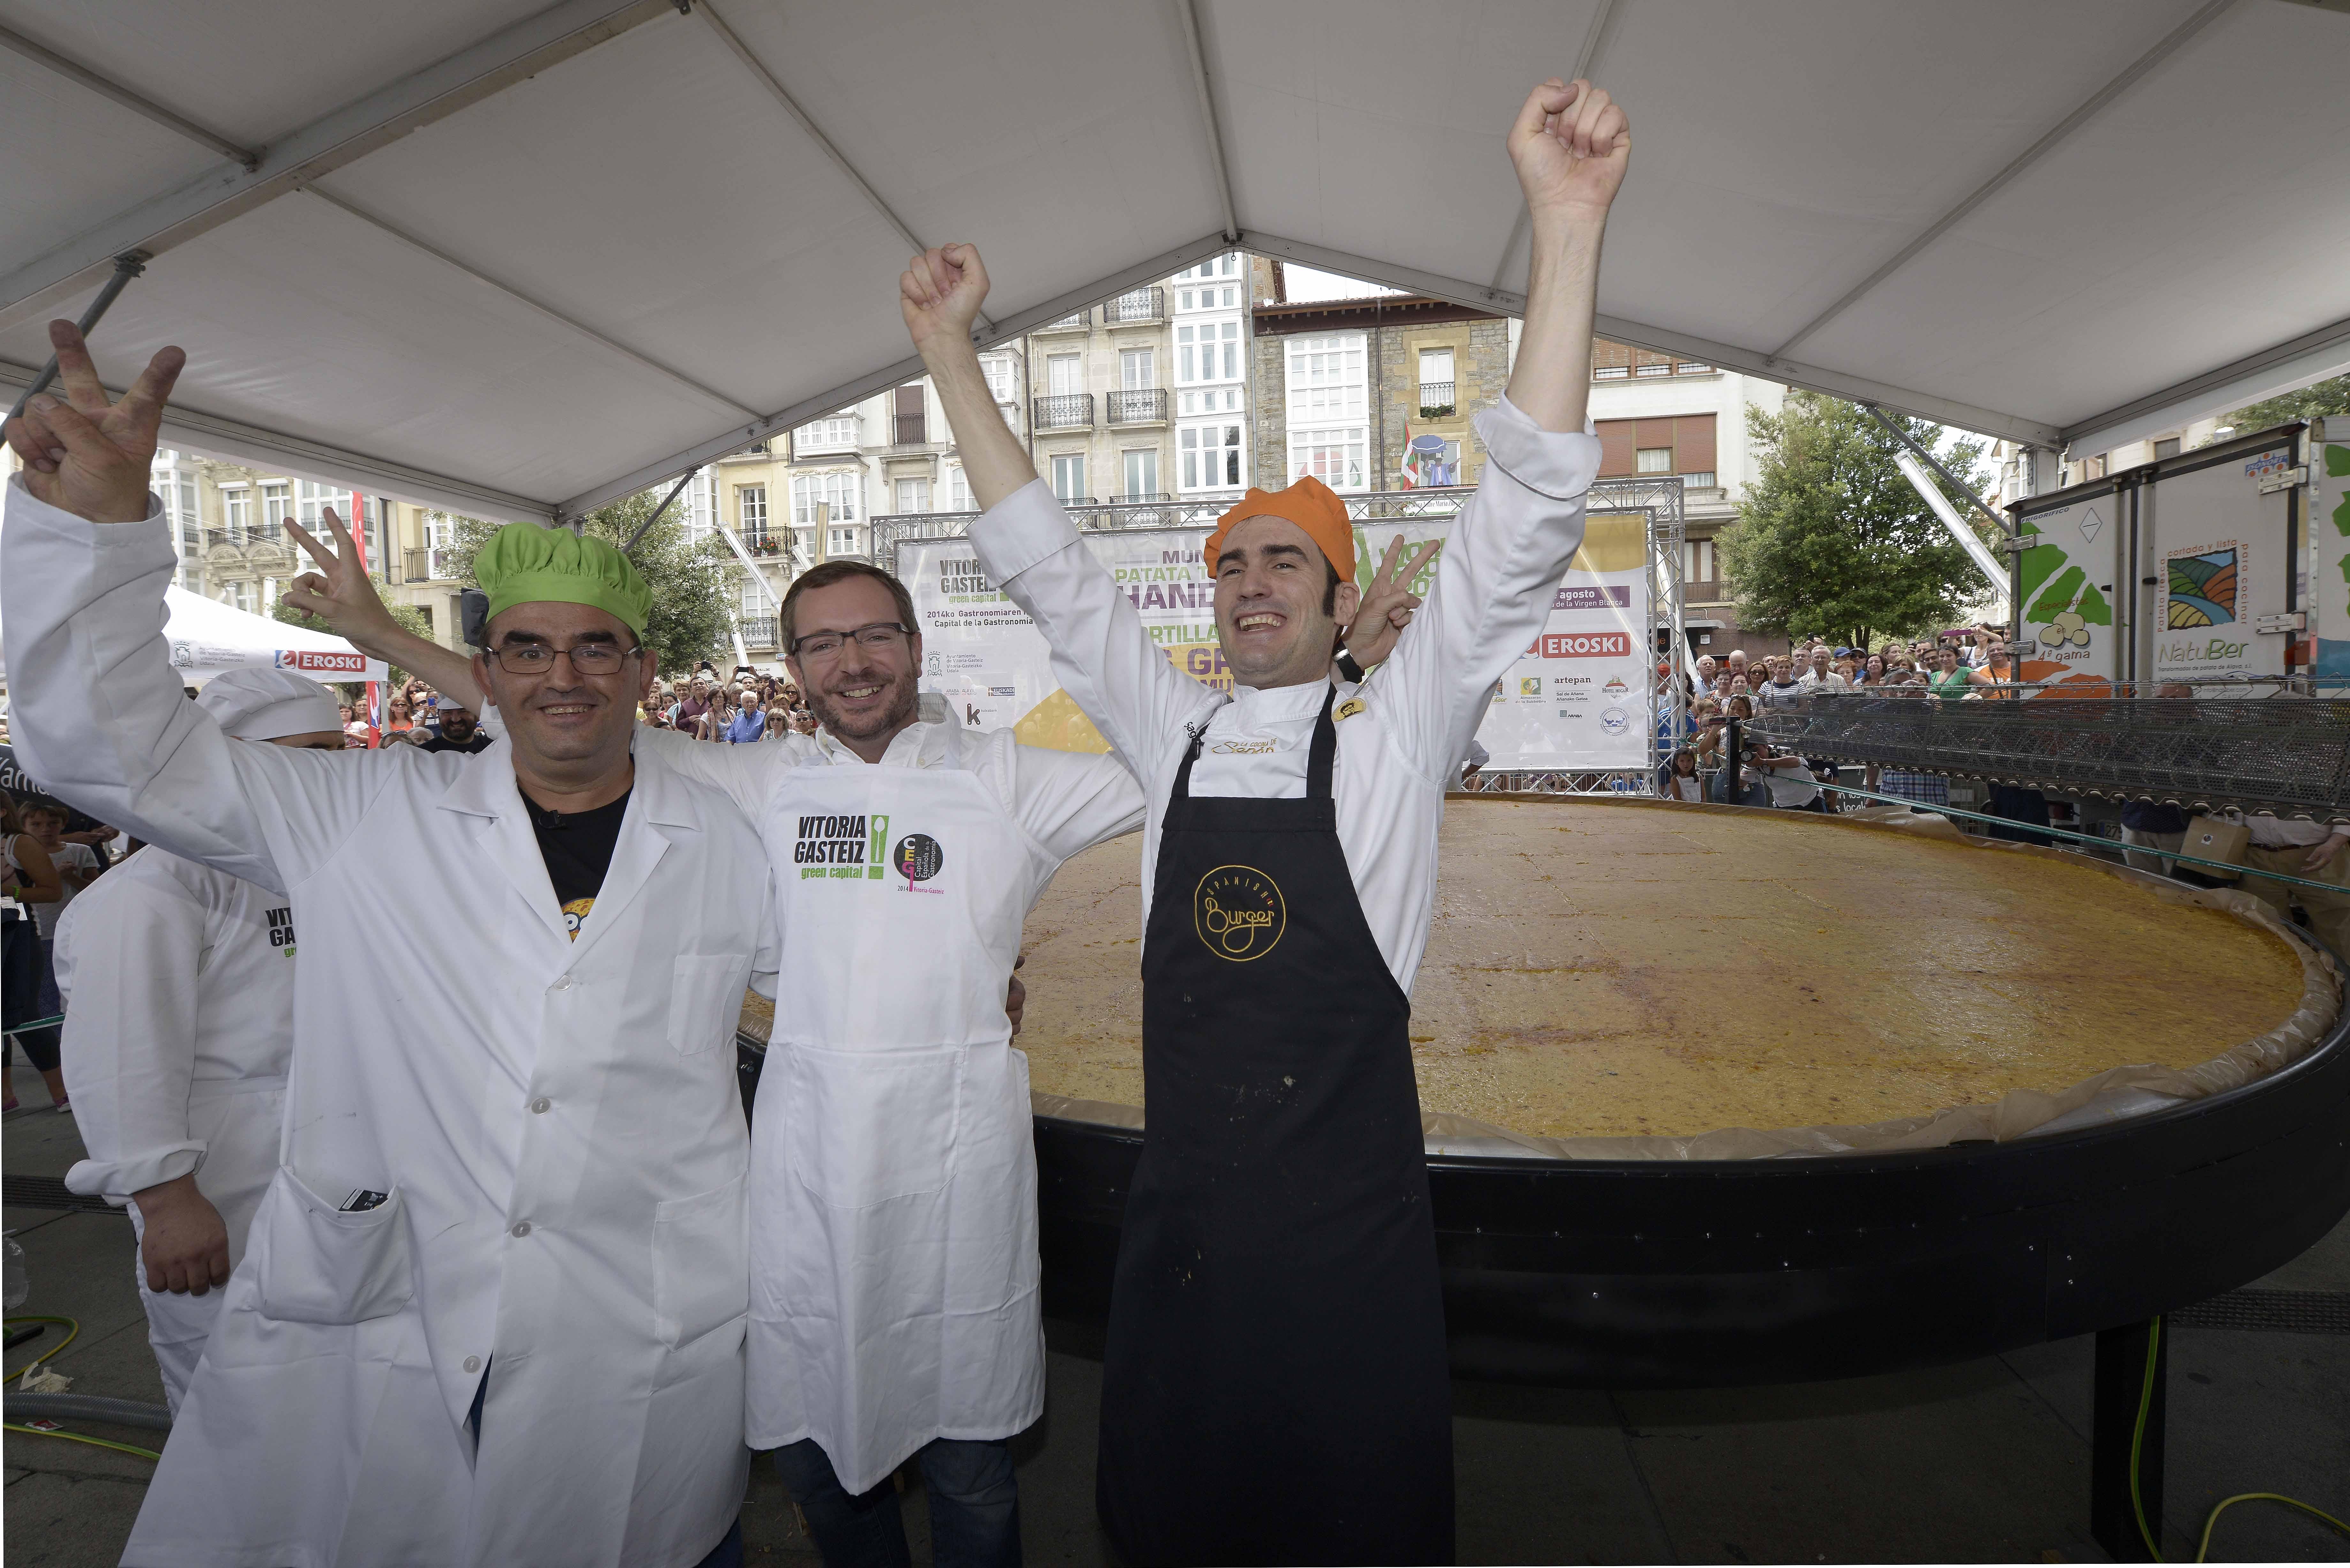 Vitoria Gasteiz Consigue El Reto De Cocinar La Tortilla De Patata